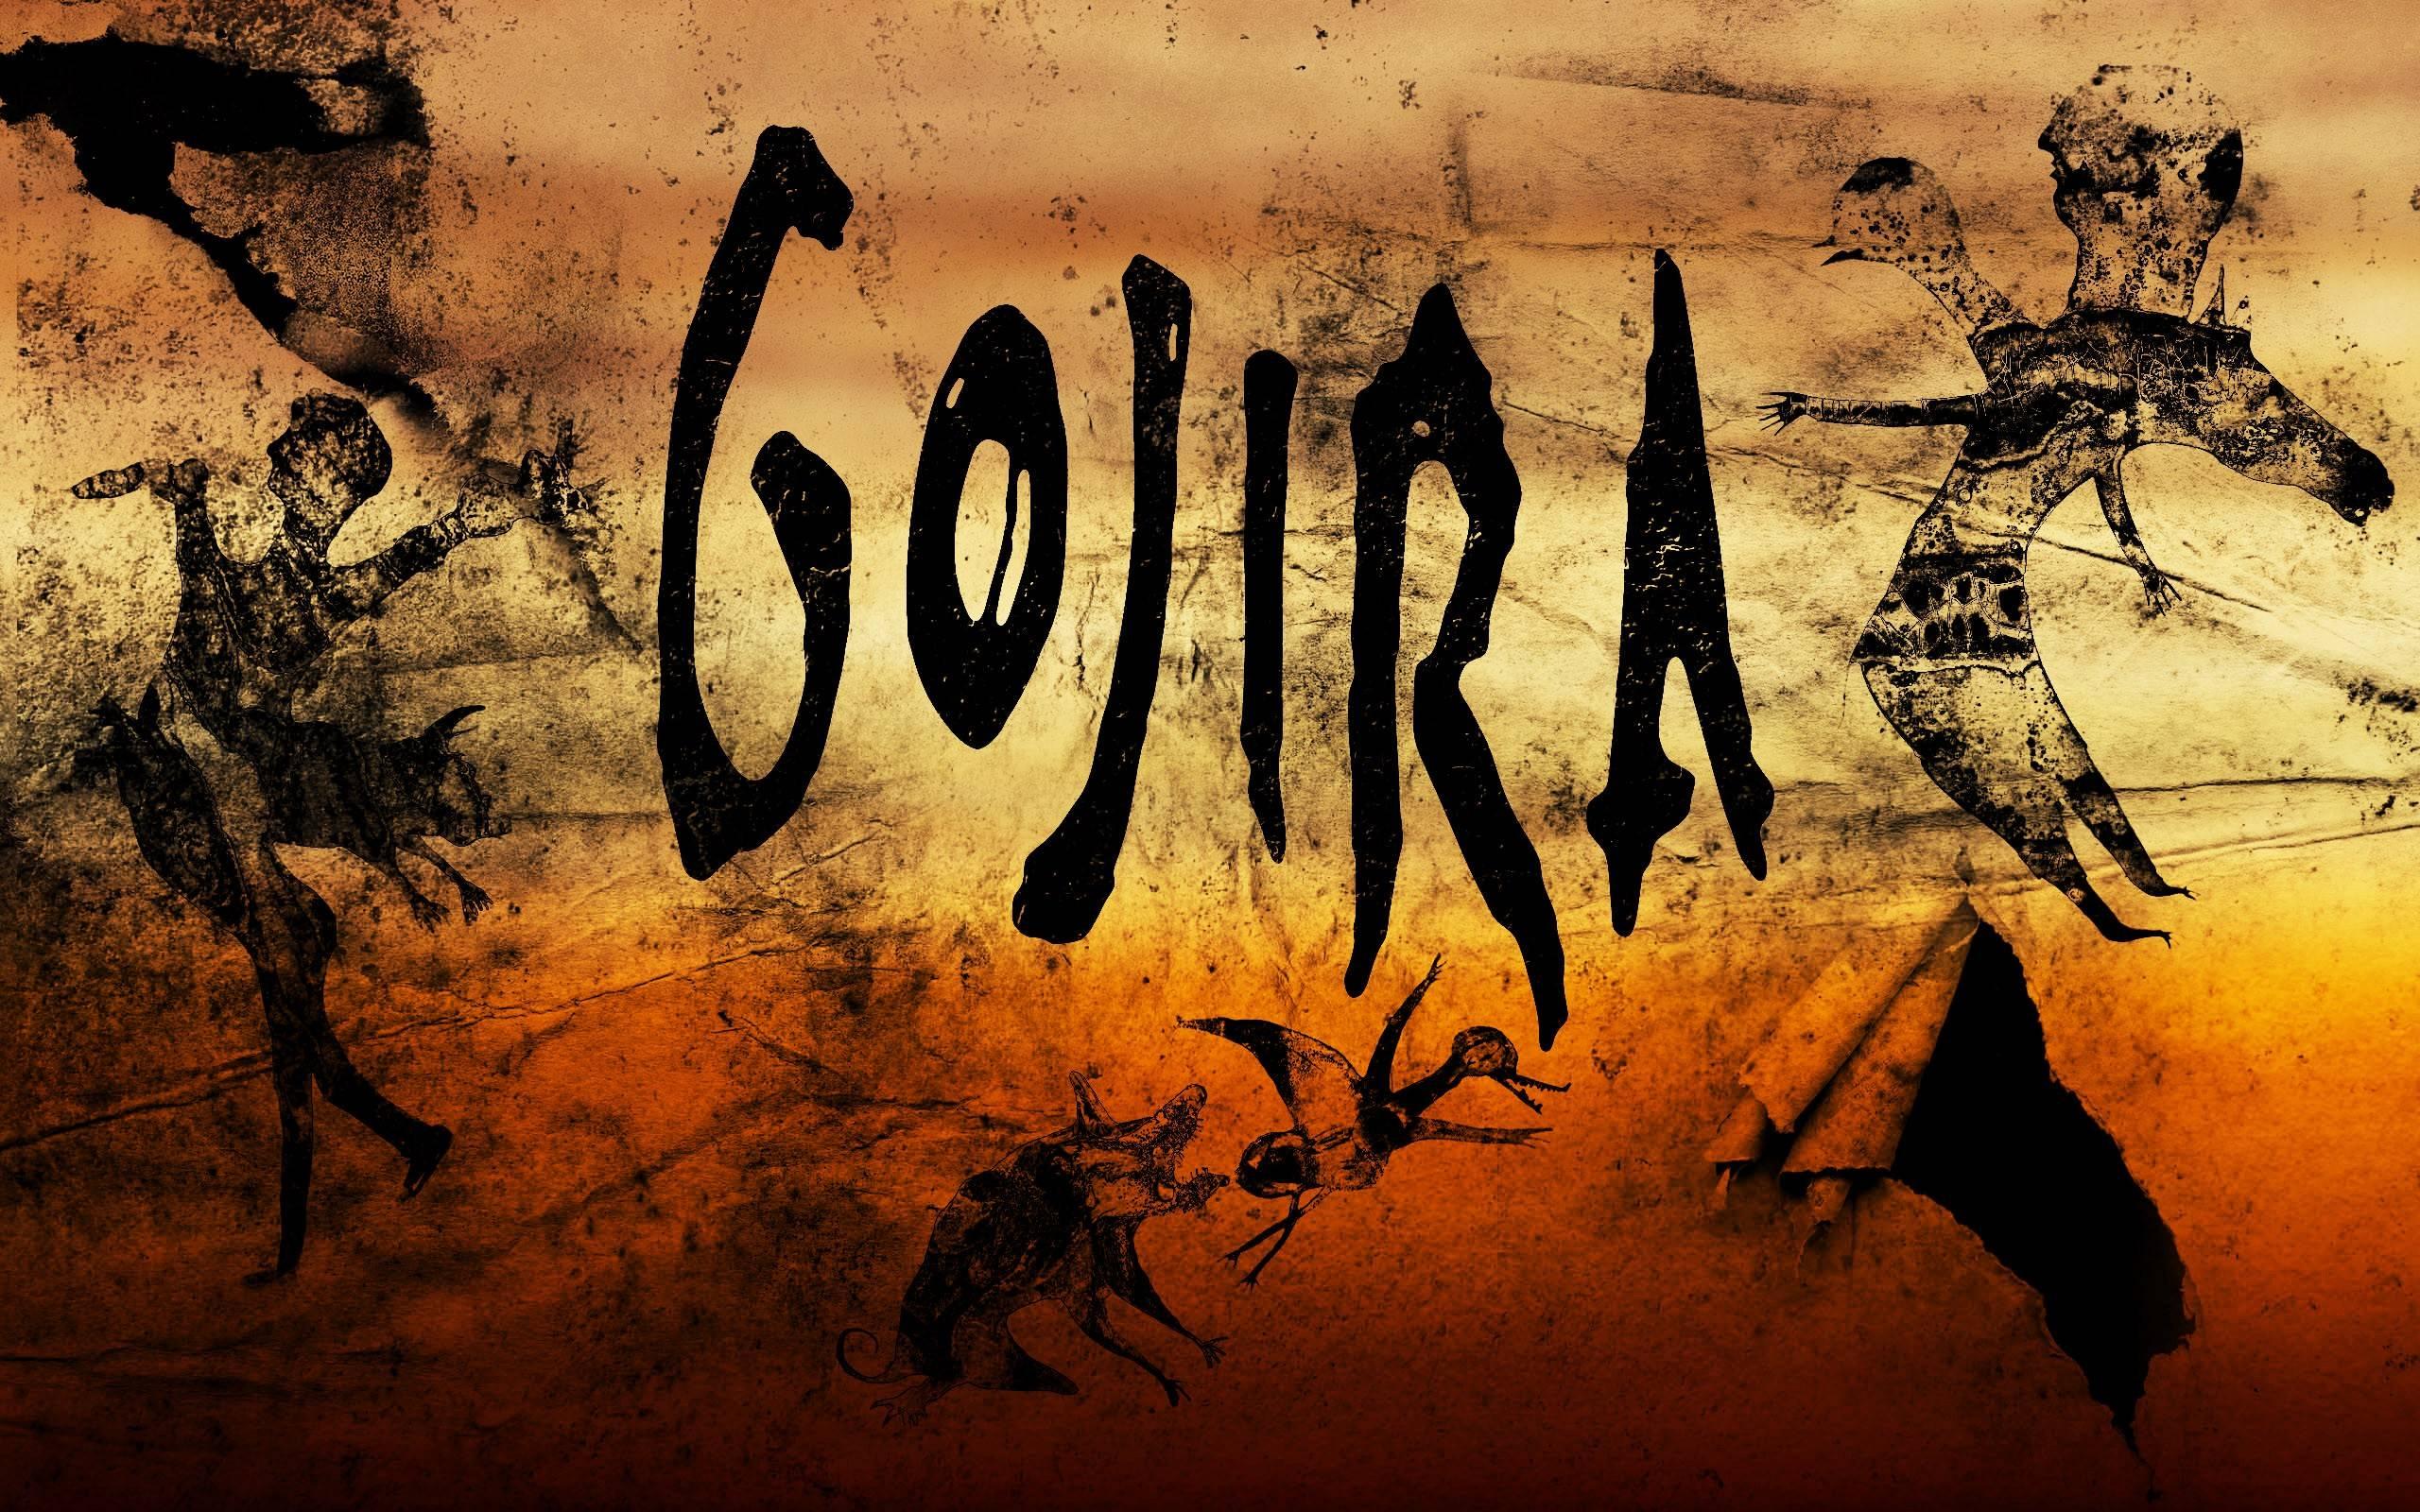 Music Gojira 25601600 Wallpaper 1718884 2560x1600